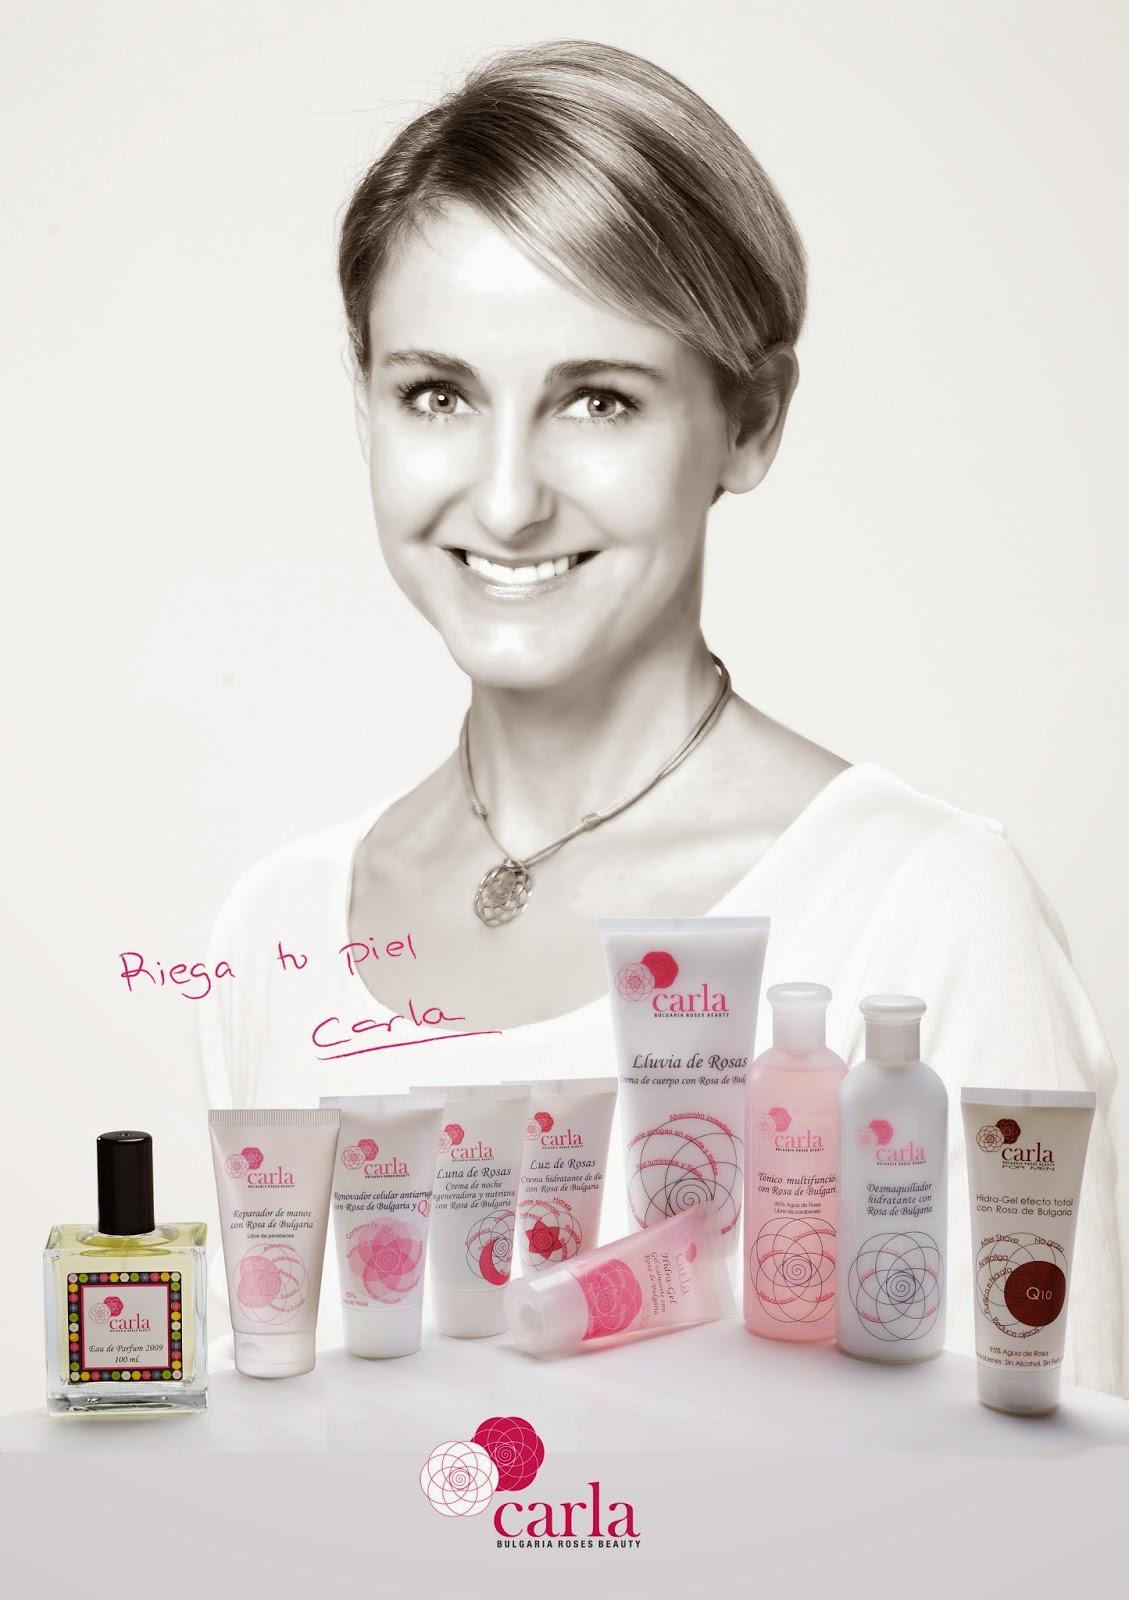 línea cosmética carla de bulgaria roses beauty